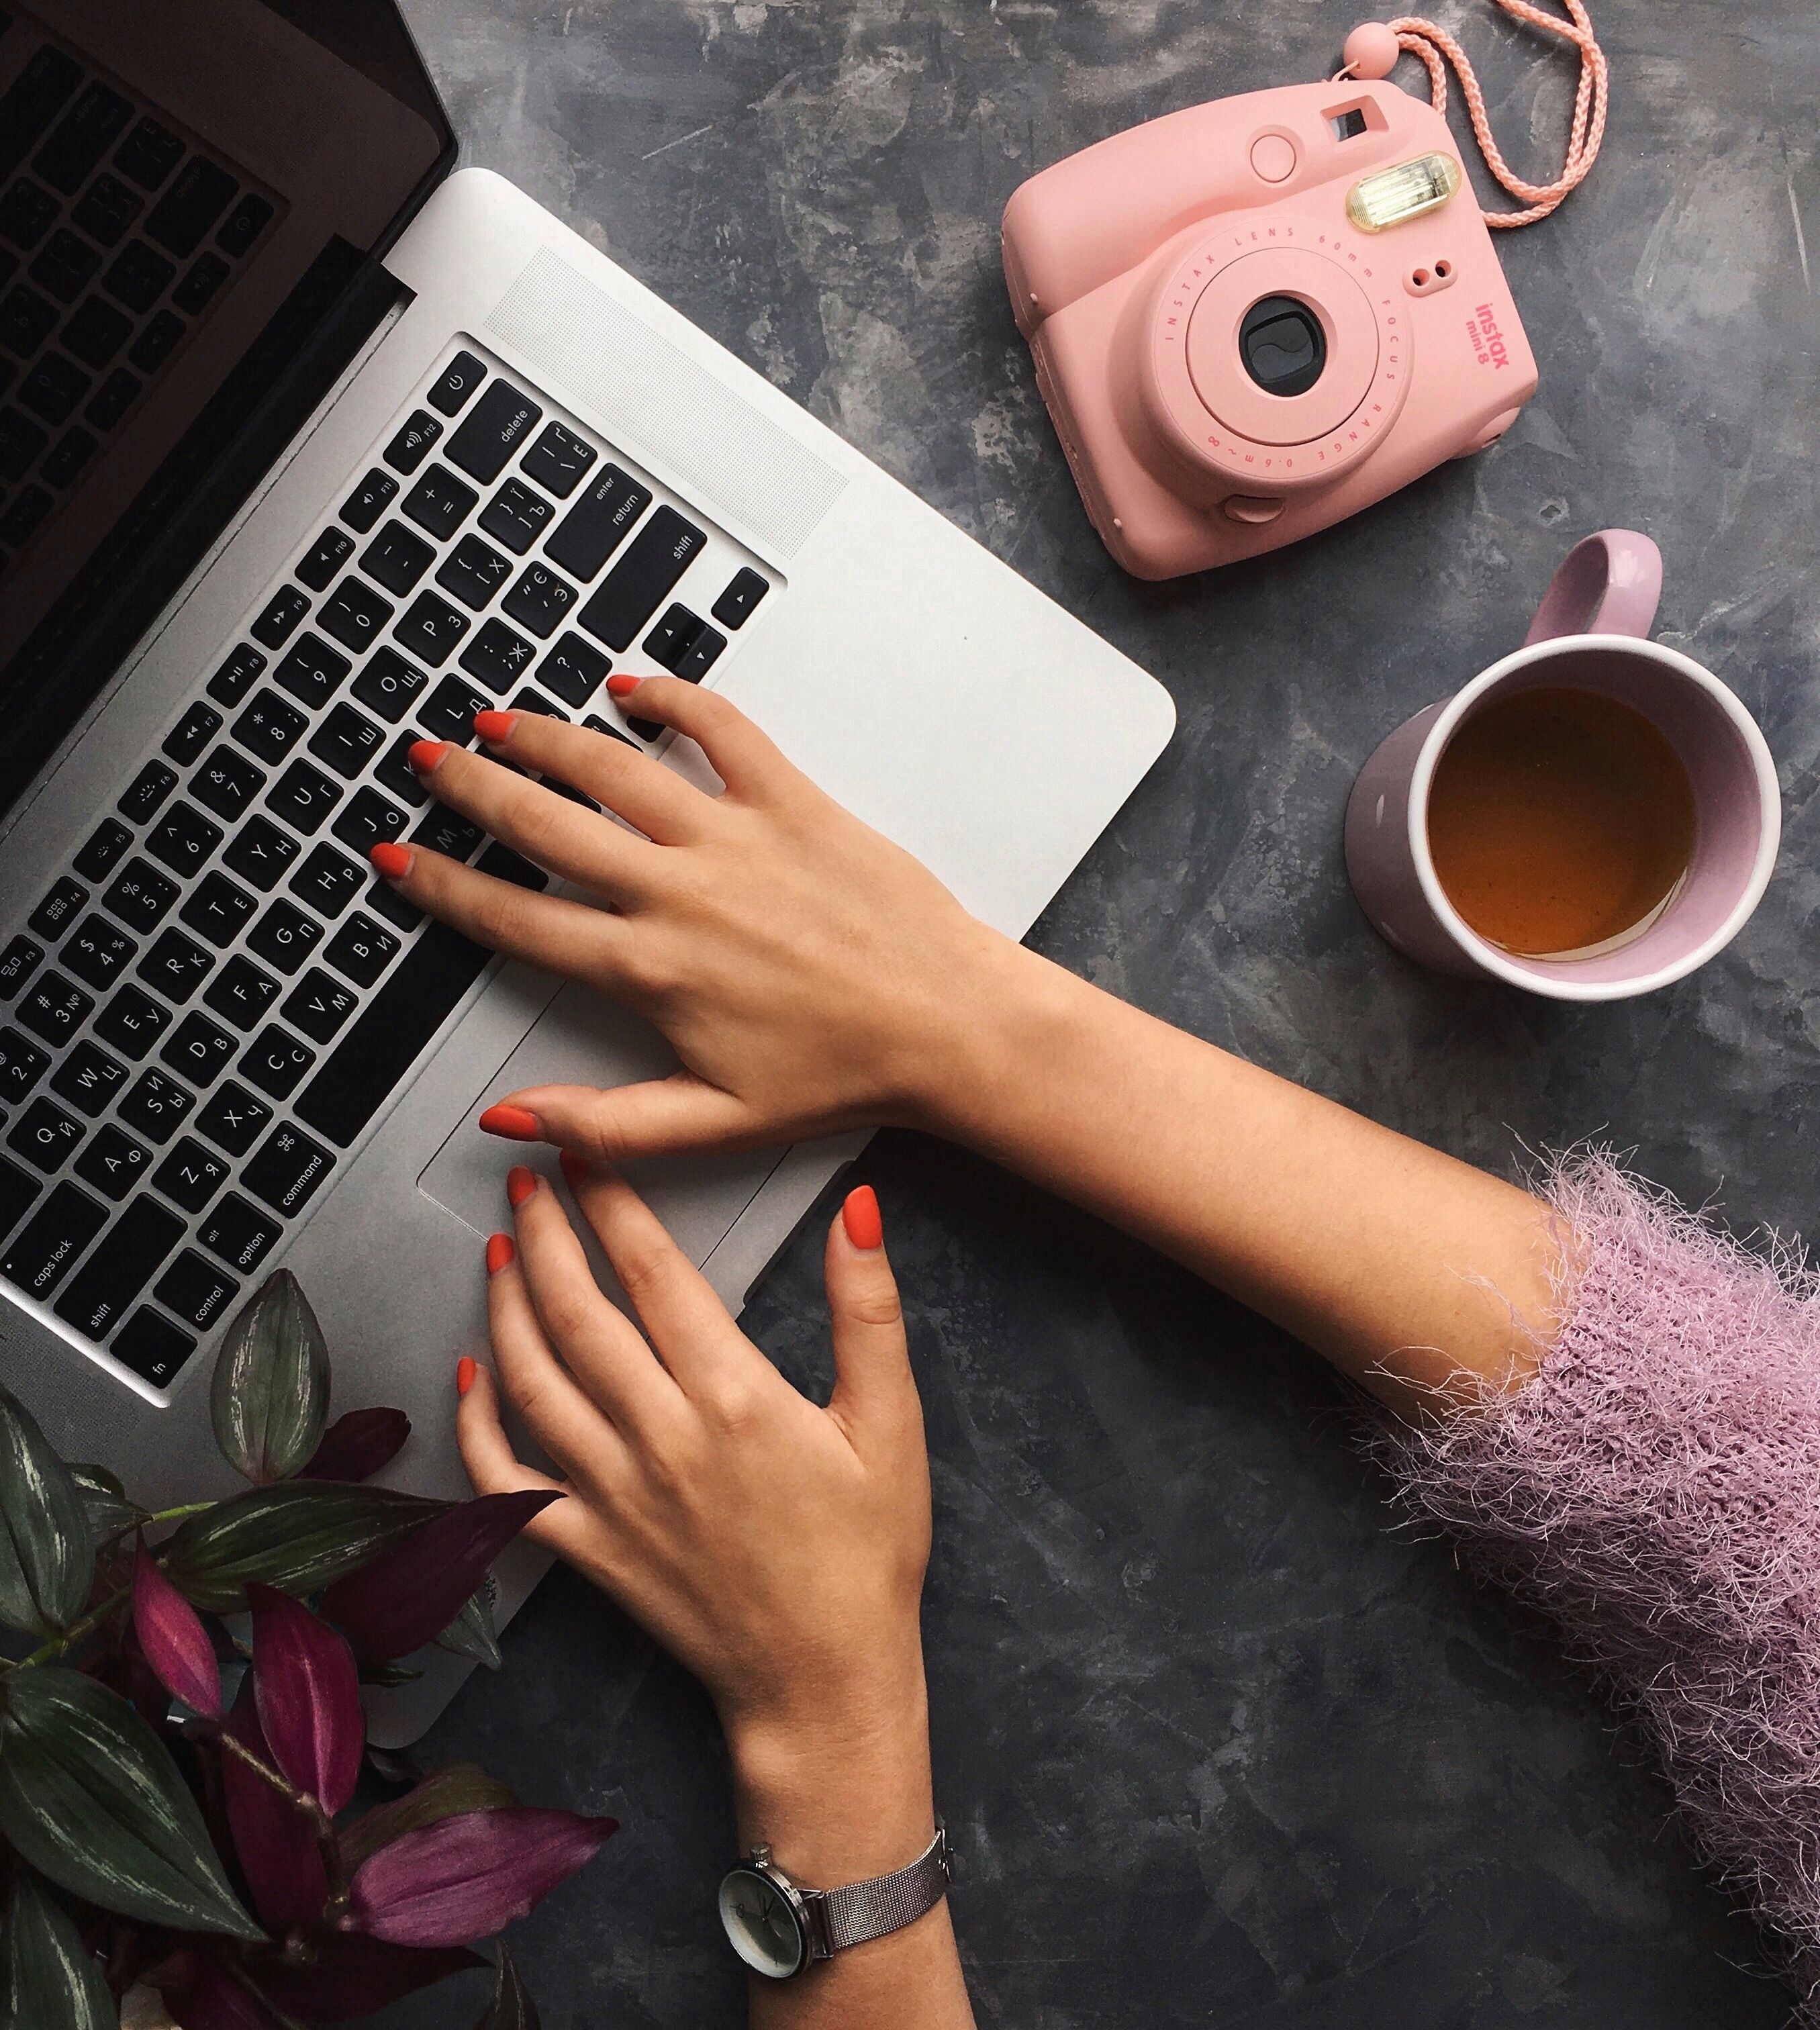 Как развить страницу в инстаграме для бизнеса самостоятельно: первые шаги